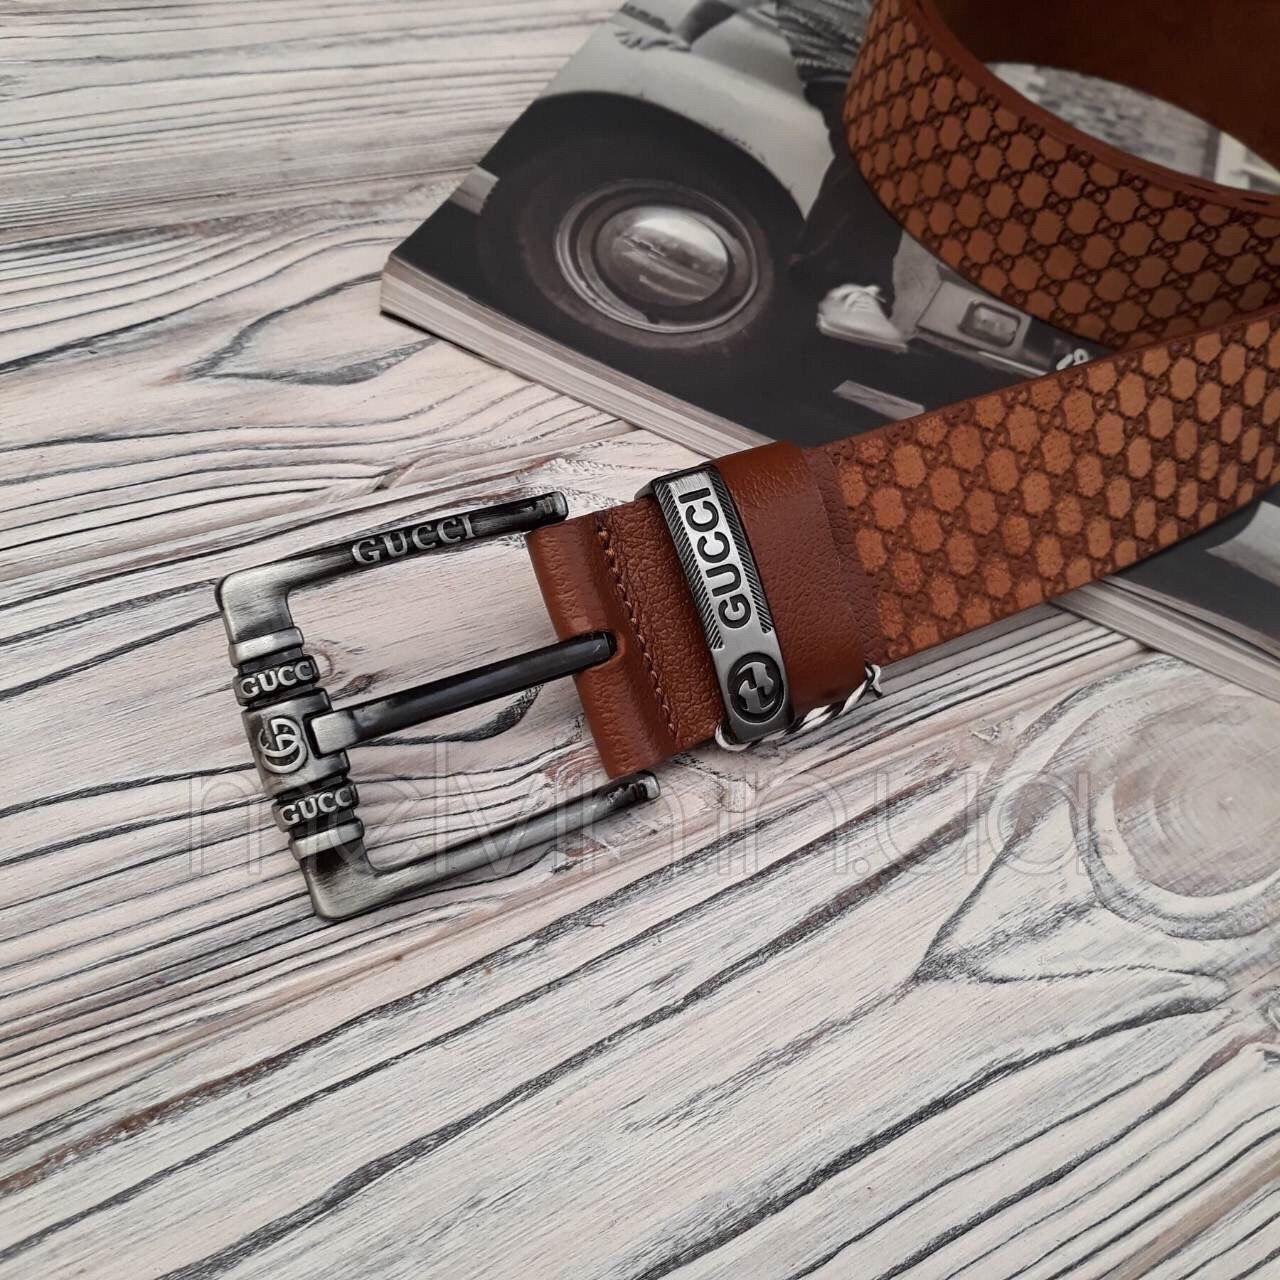 Ремень кожаный в стиле Gucci реплика